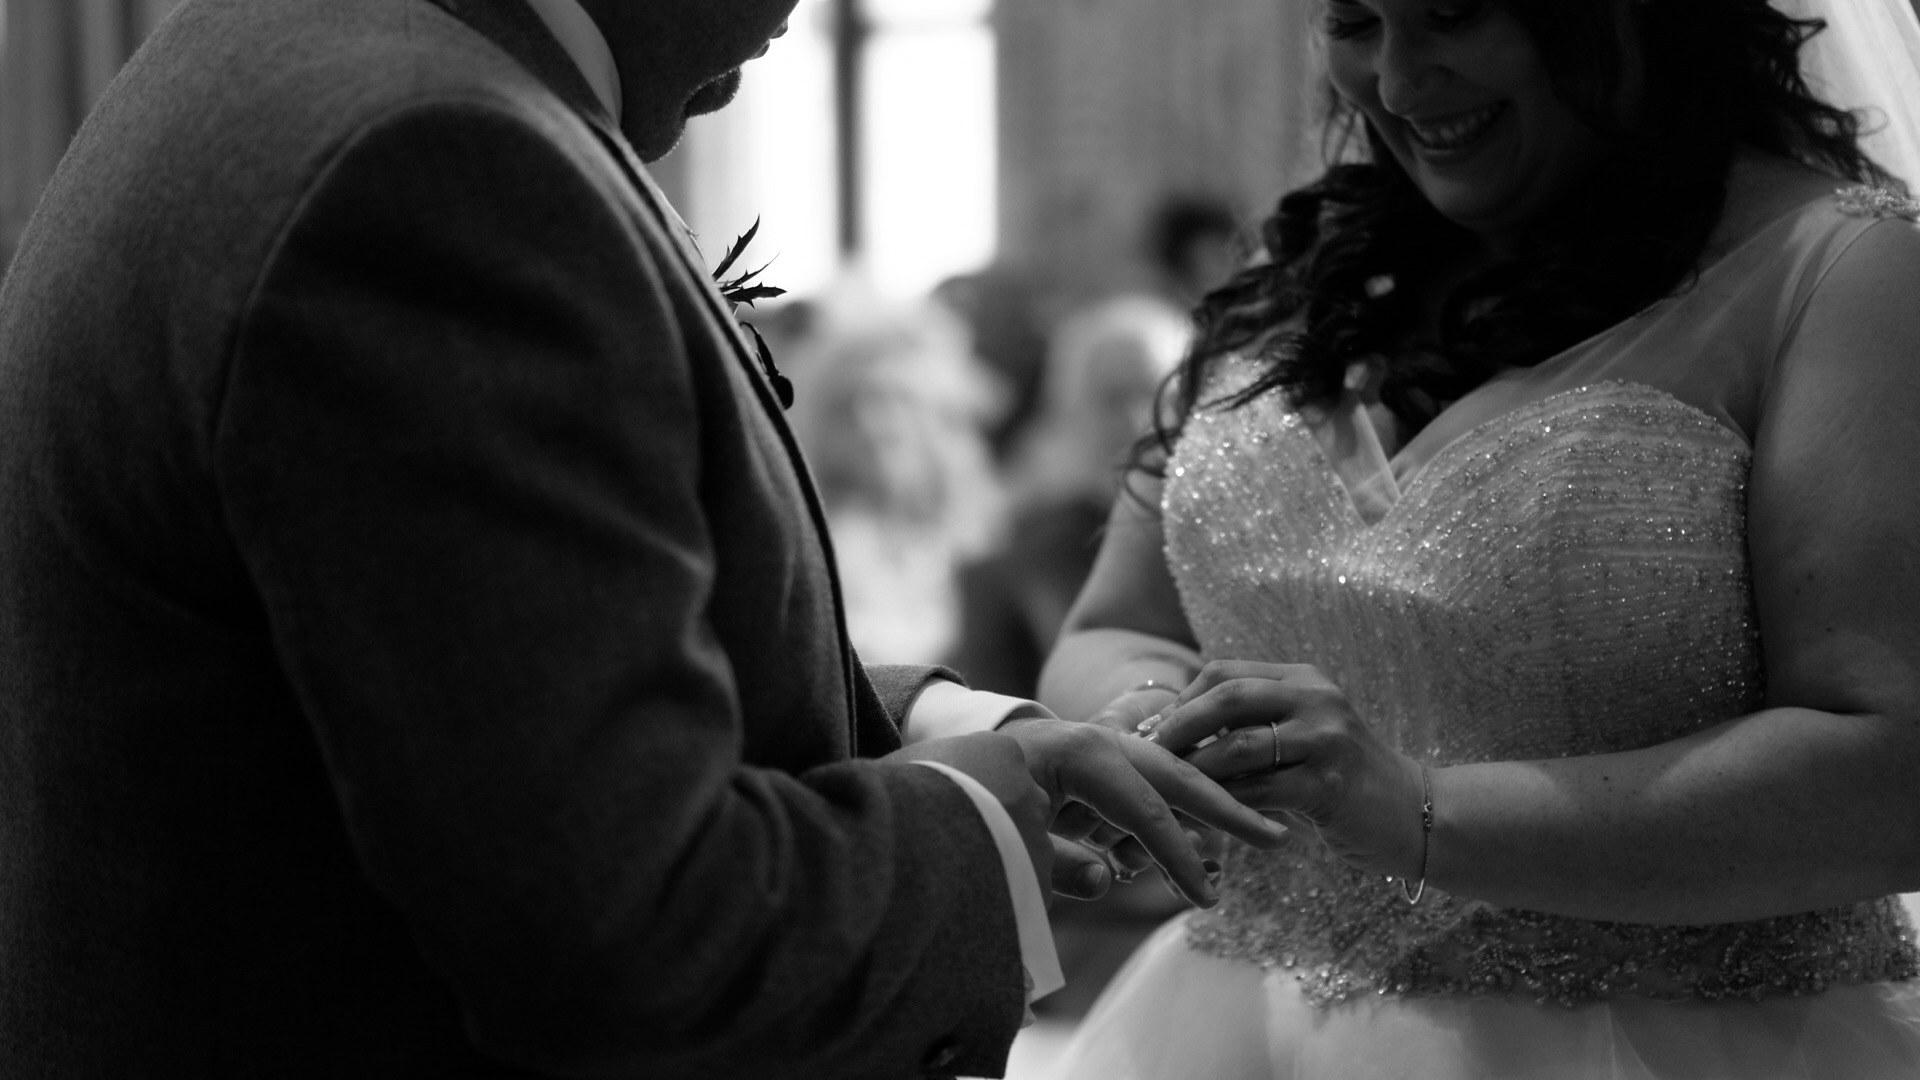 BUCHAN-BRAES-JULY-WEDDING (12).jpg